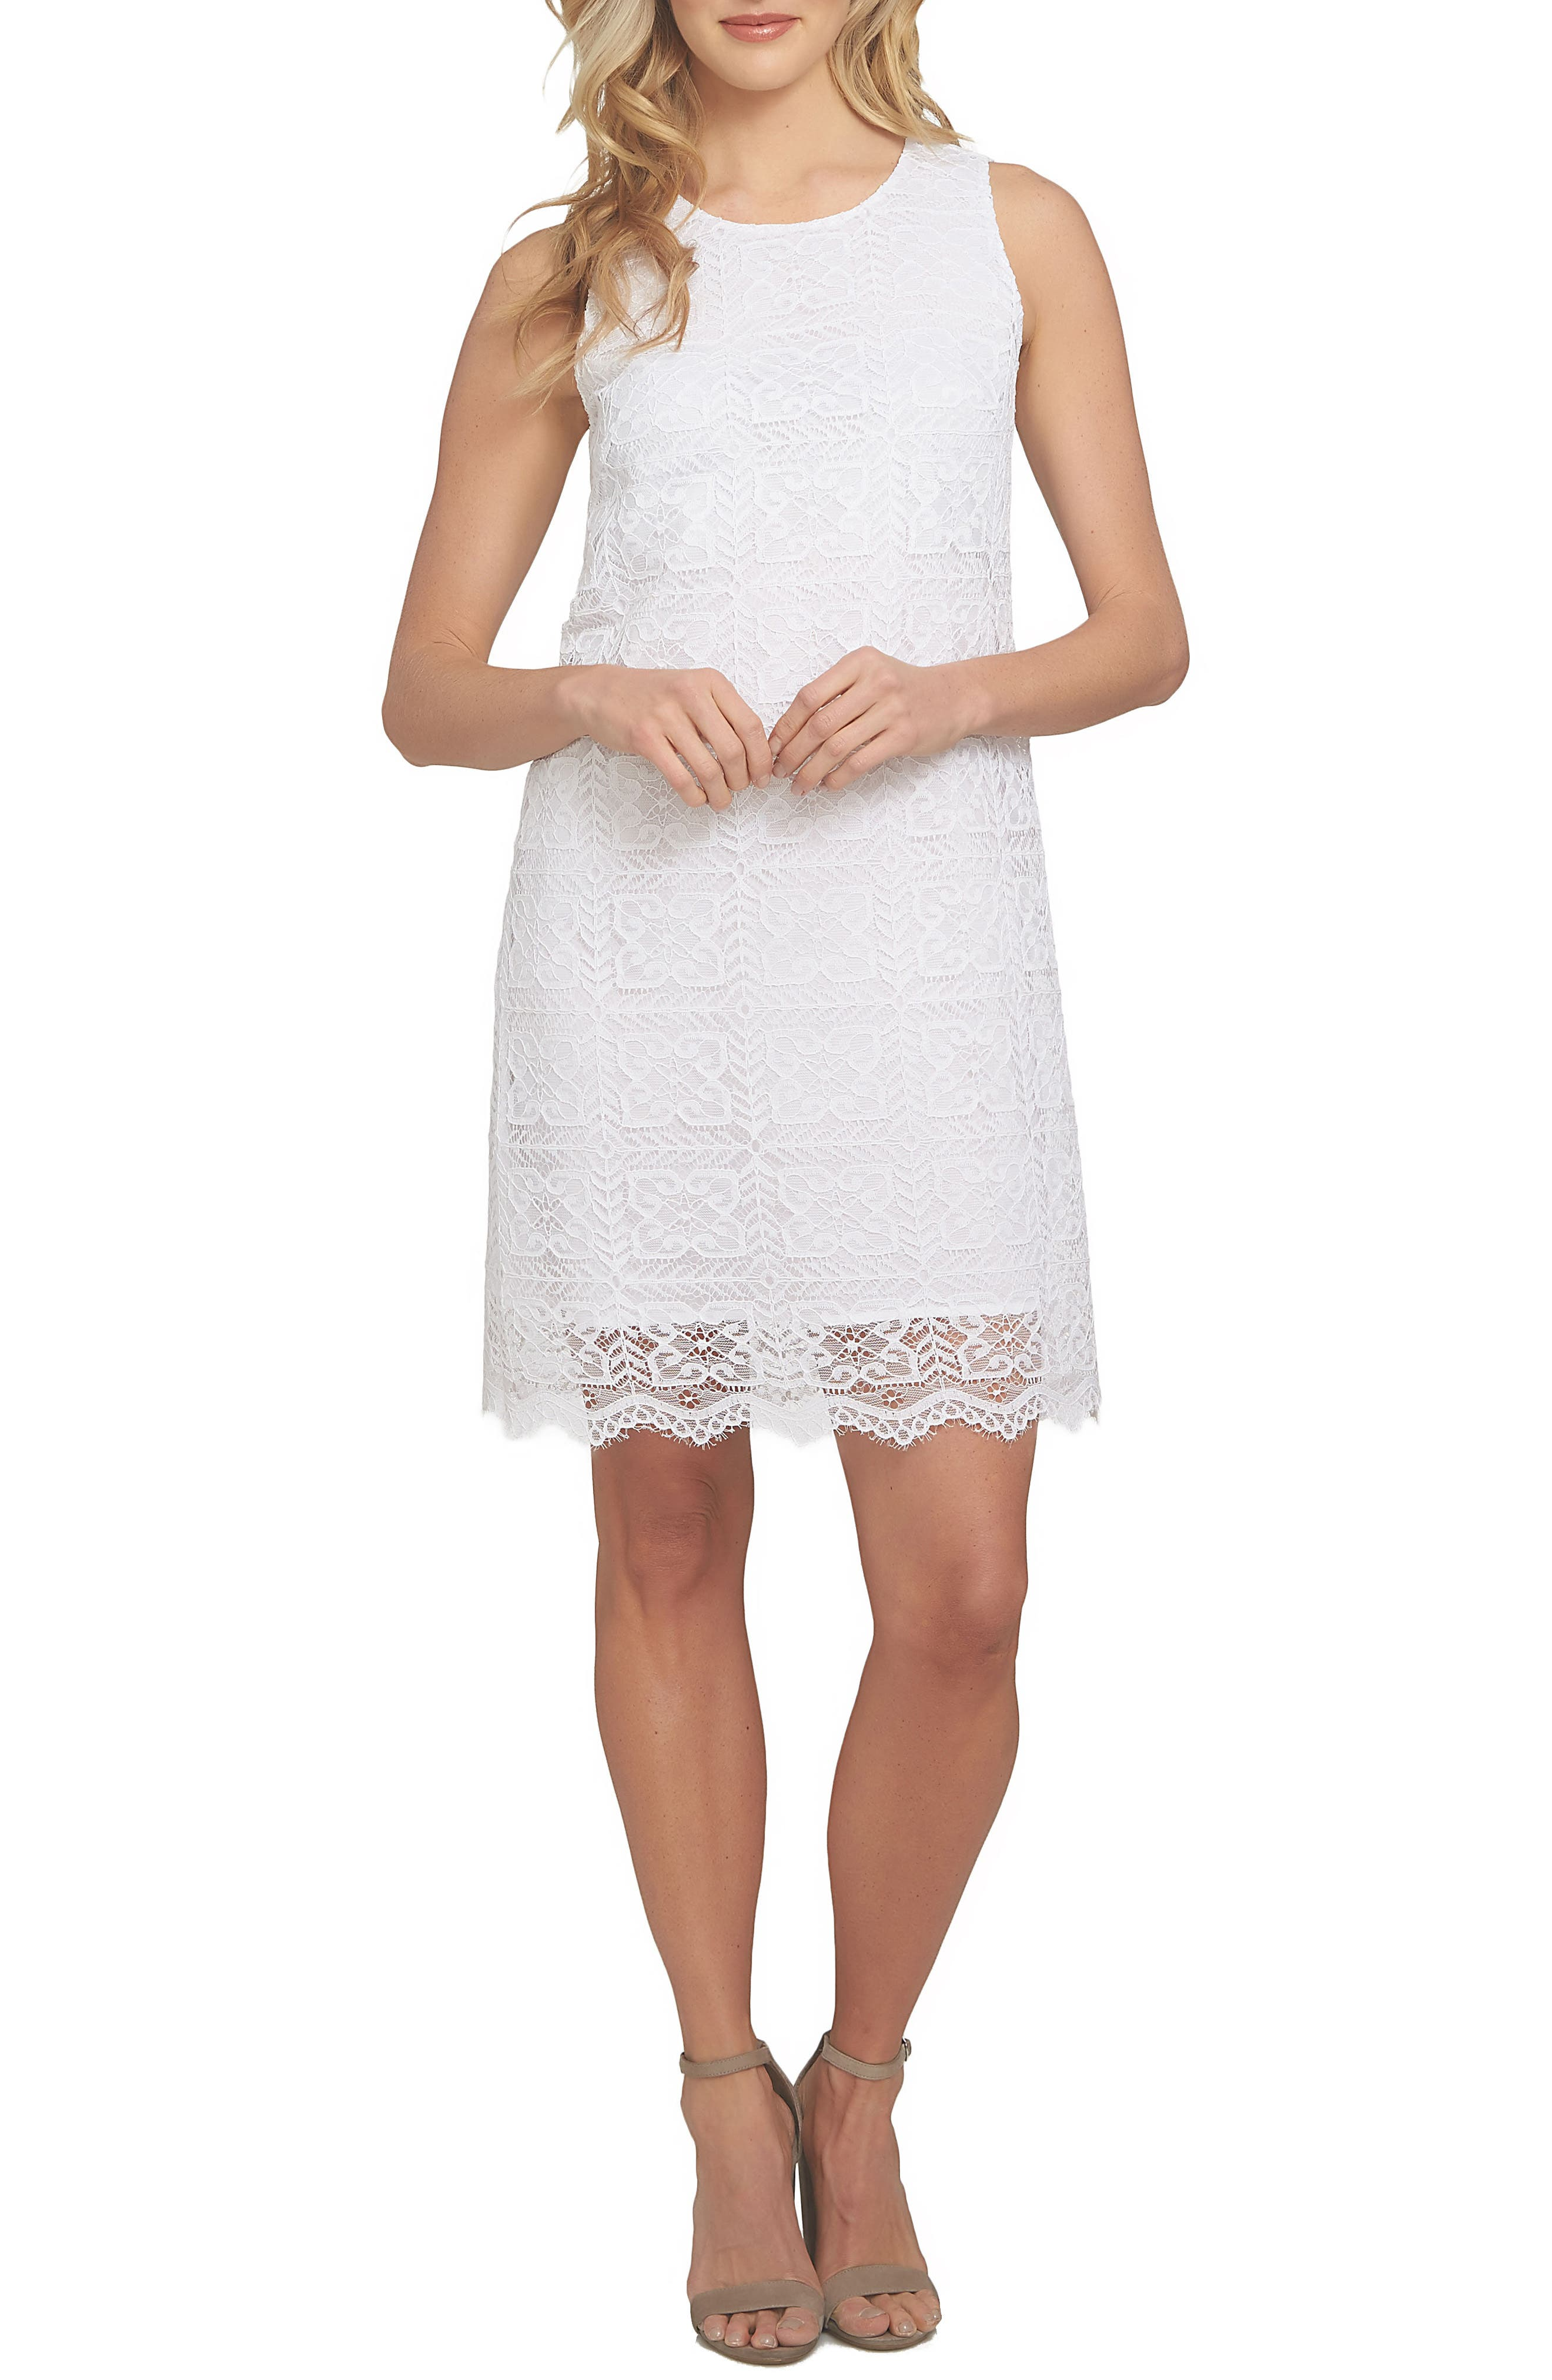 Alternate Image 1 Selected - CeCe Arlington A-Line Dress